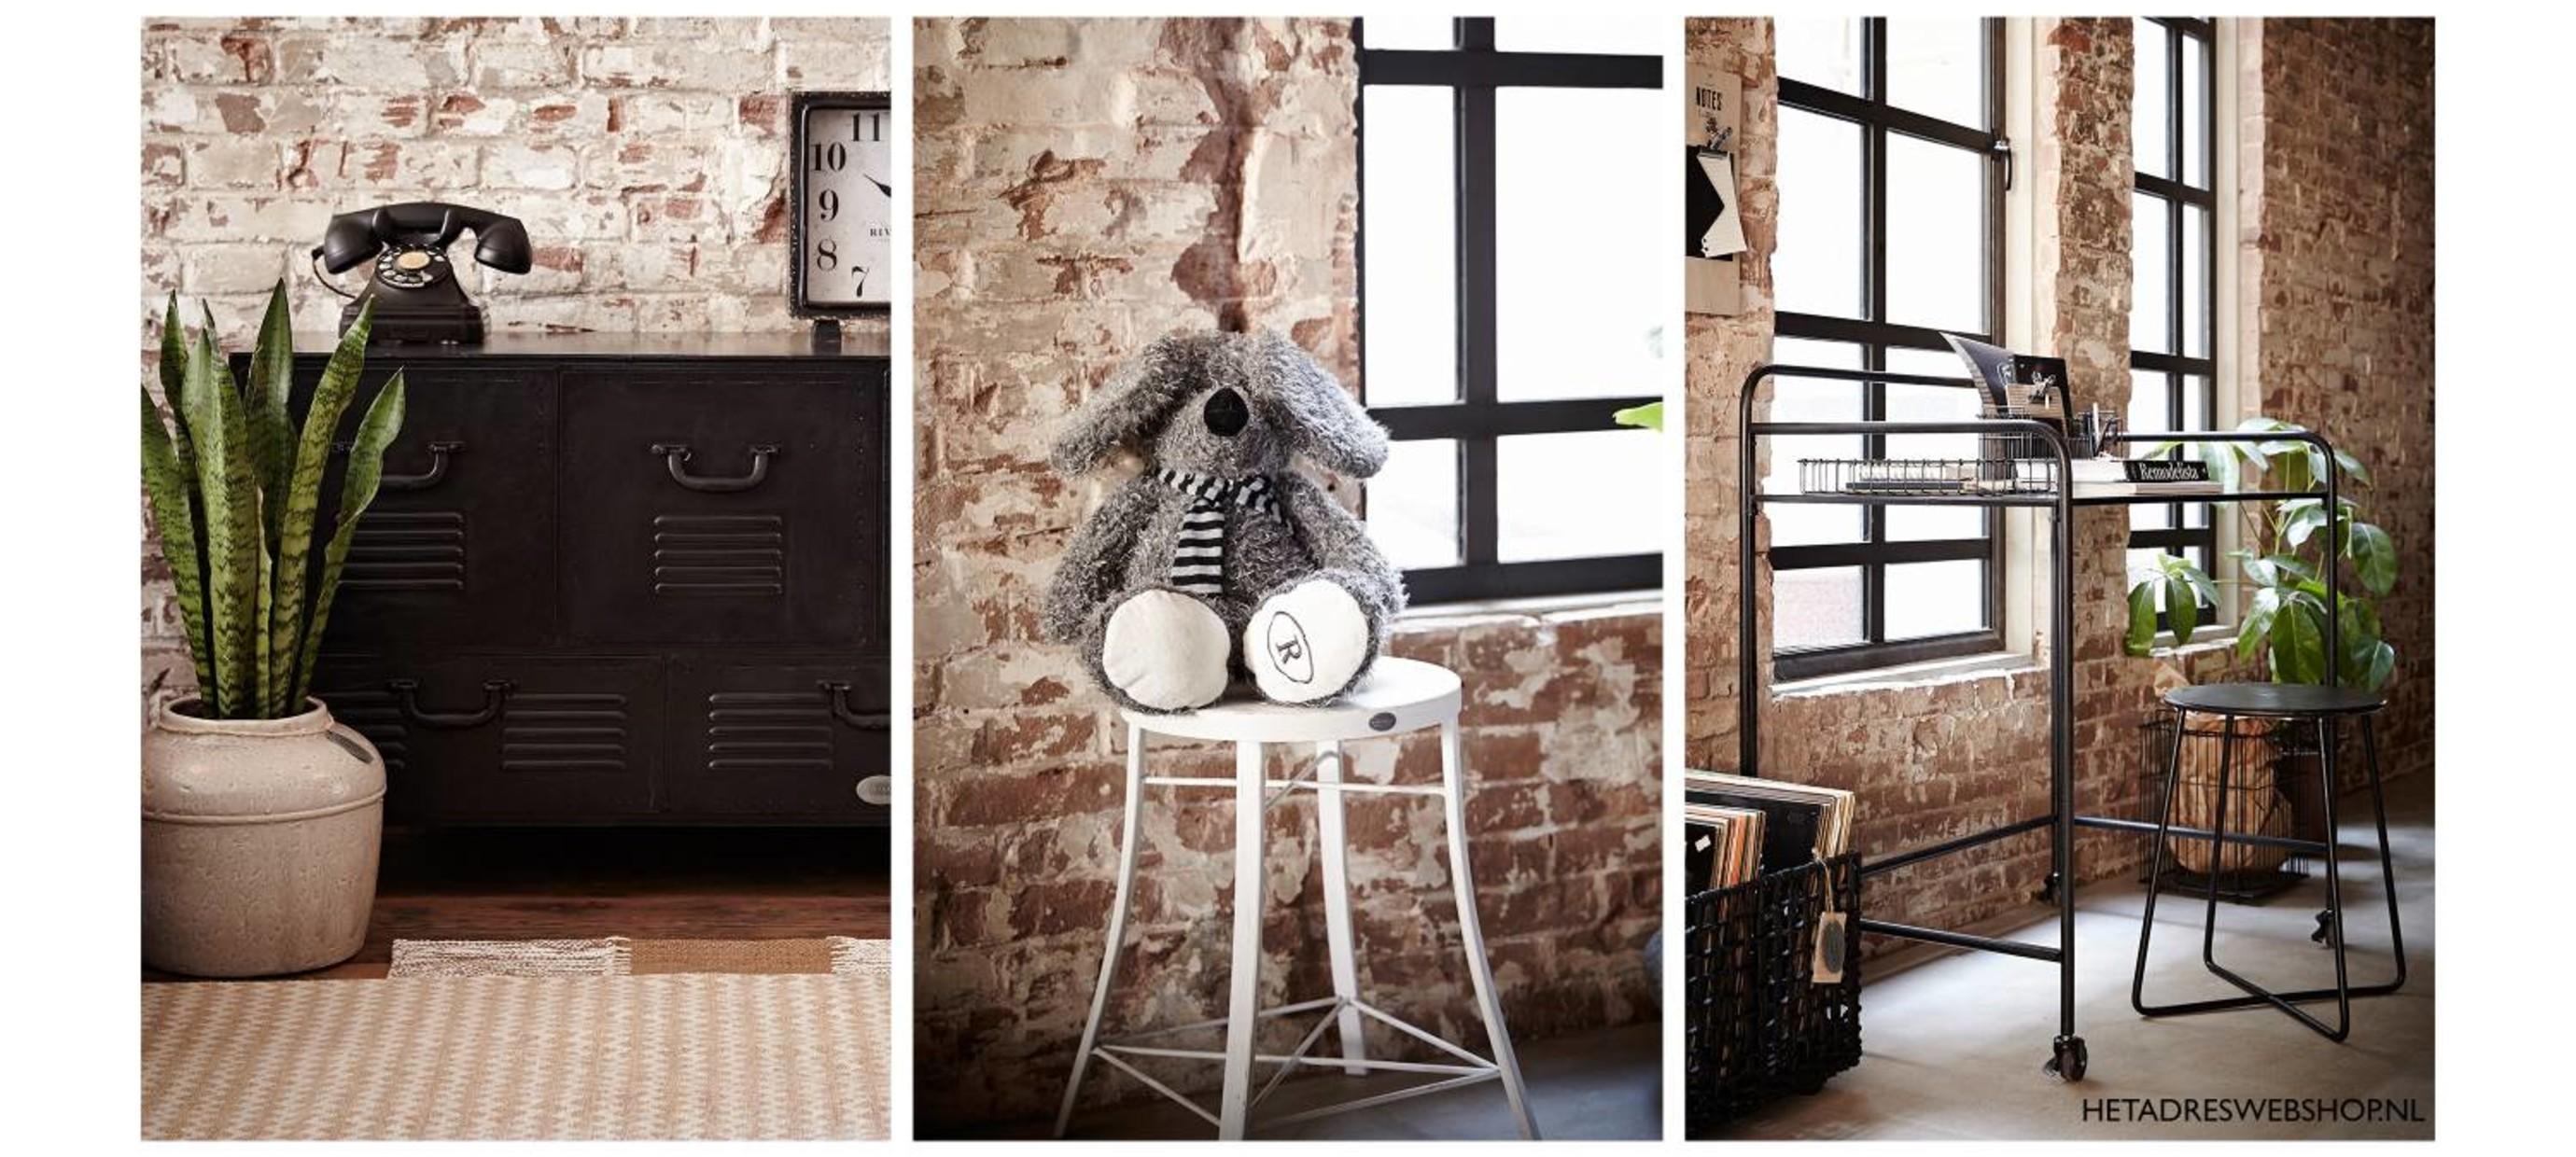 Riverdale meubels in huis